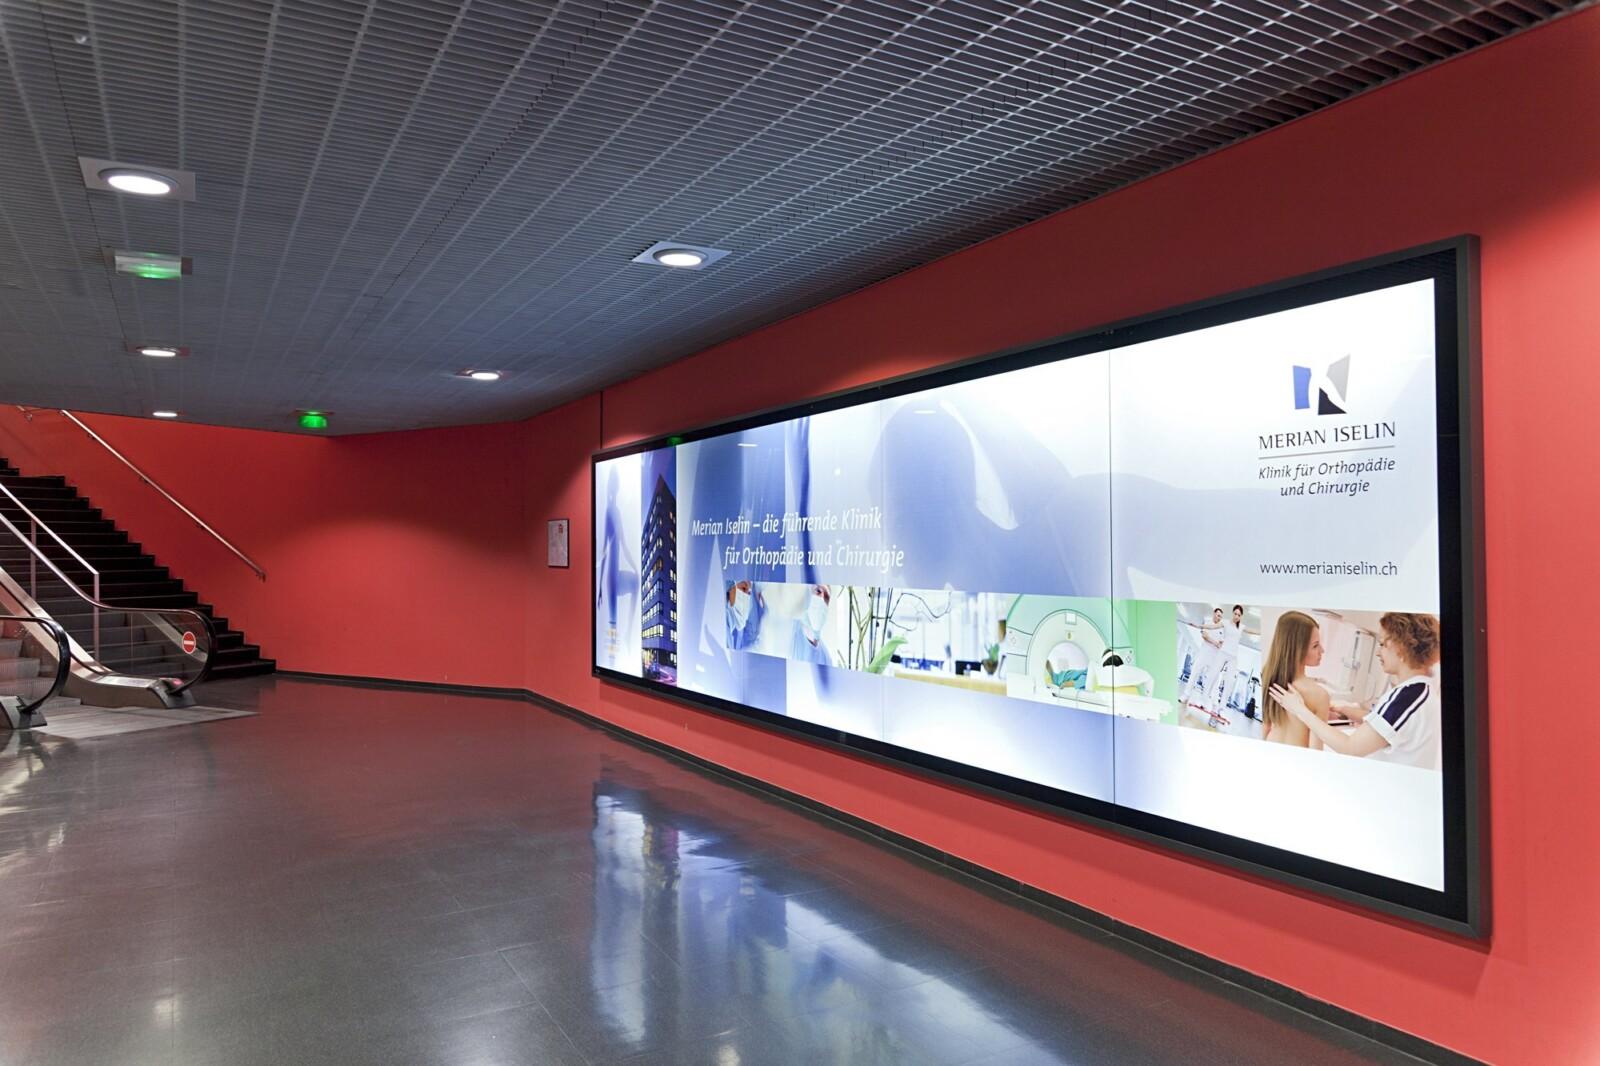 Publicité à l'aéroport - EuroAiport Basel - Affiches classiques et numériques - Comment fonctionne votre publicité dans la zone transite - Idéal pour le branding, l'image de marque et la notoriété de marque